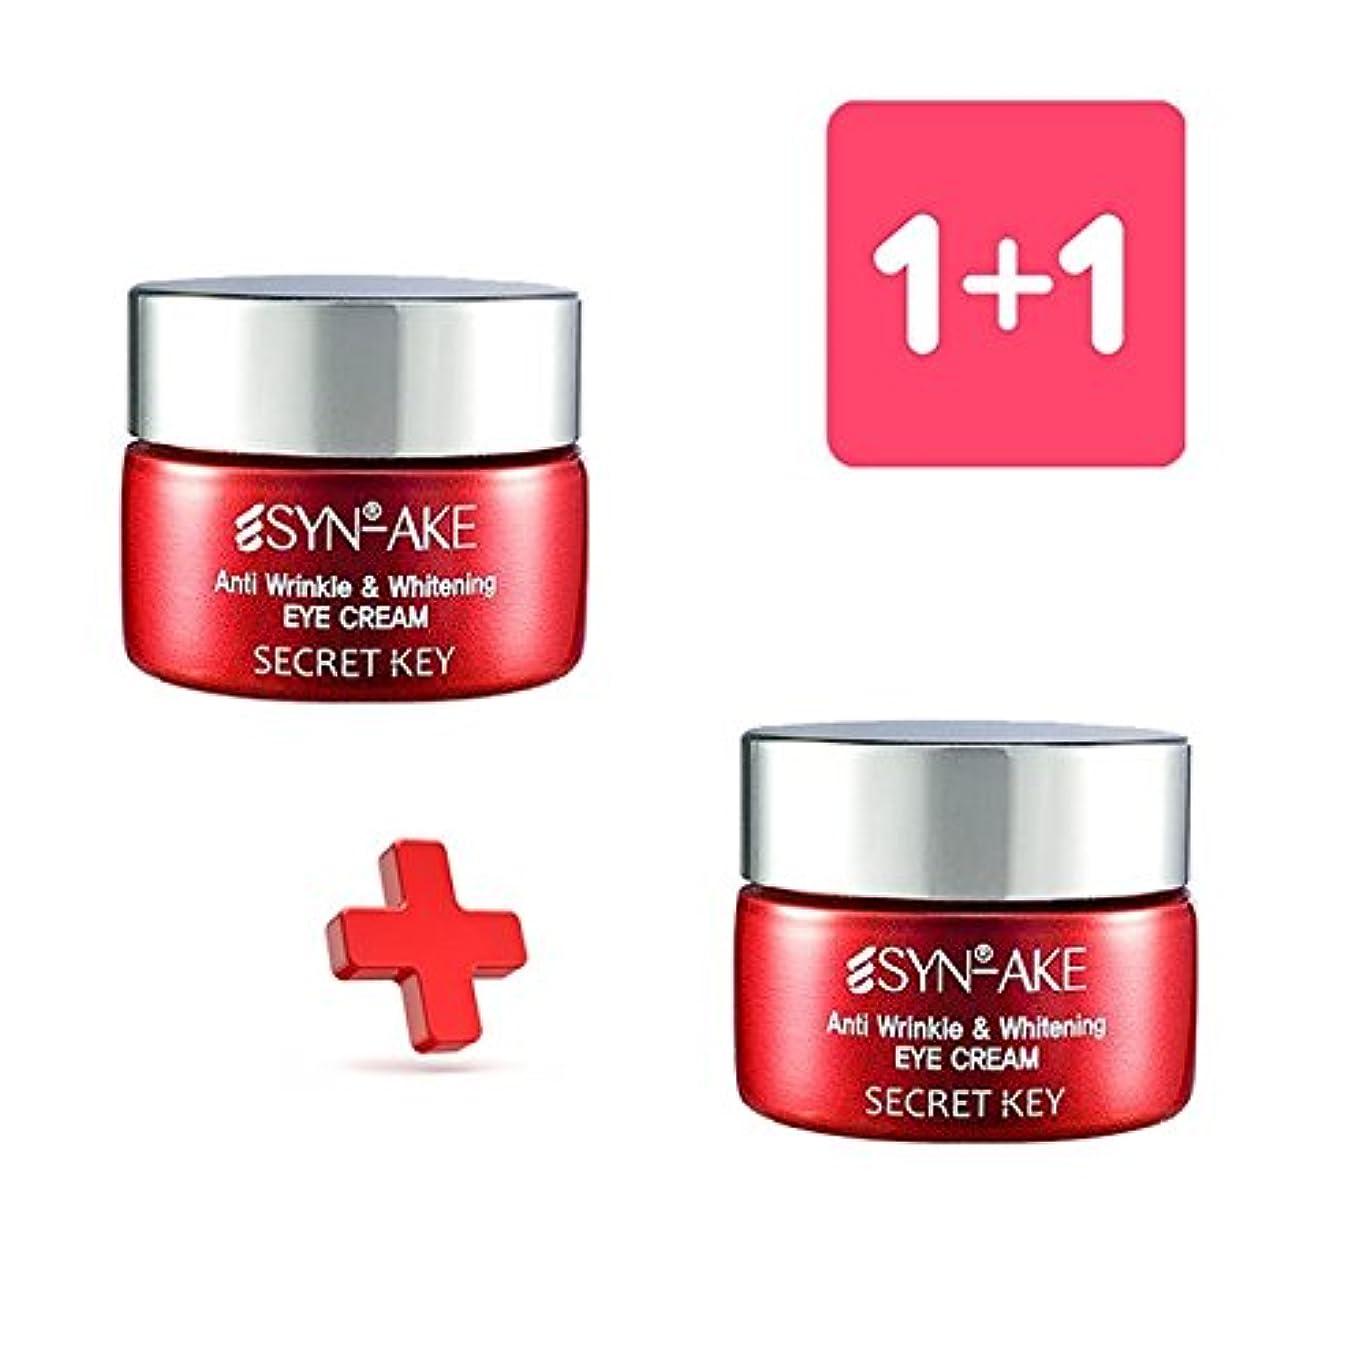 広げるバウンス連隊Secret Key Synake Premiun Anti Wrinkle Whitening Eye Cream 1+1 Big Sale 15gx2Ea [並行輸入品]